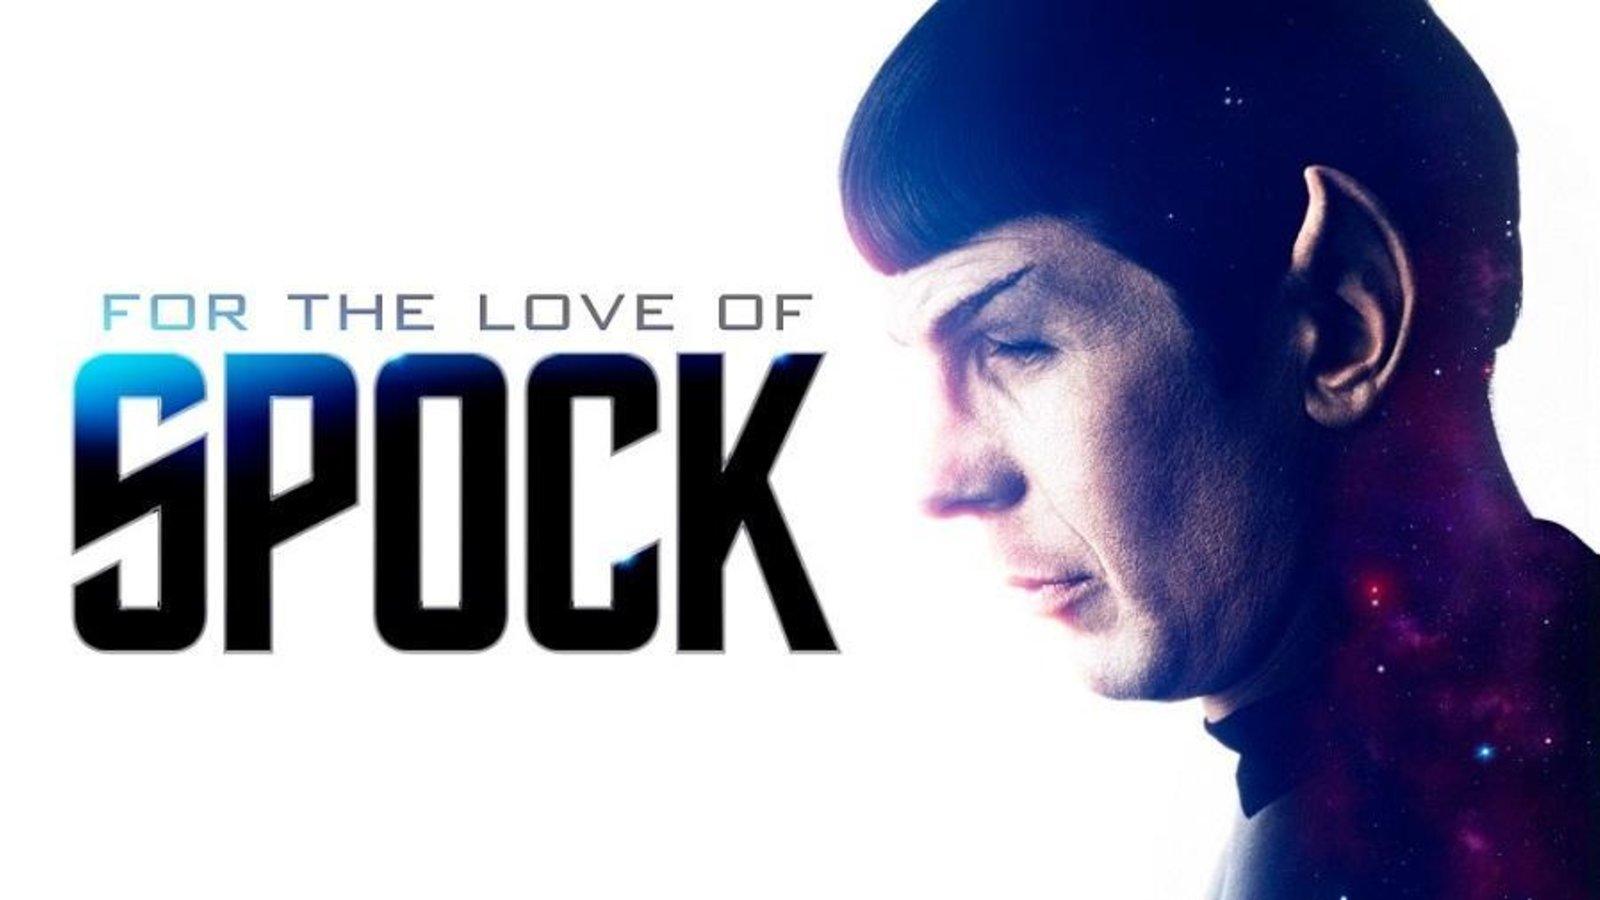 For the Love of Spock - The Life of Star Trek's Leonard Nimoy